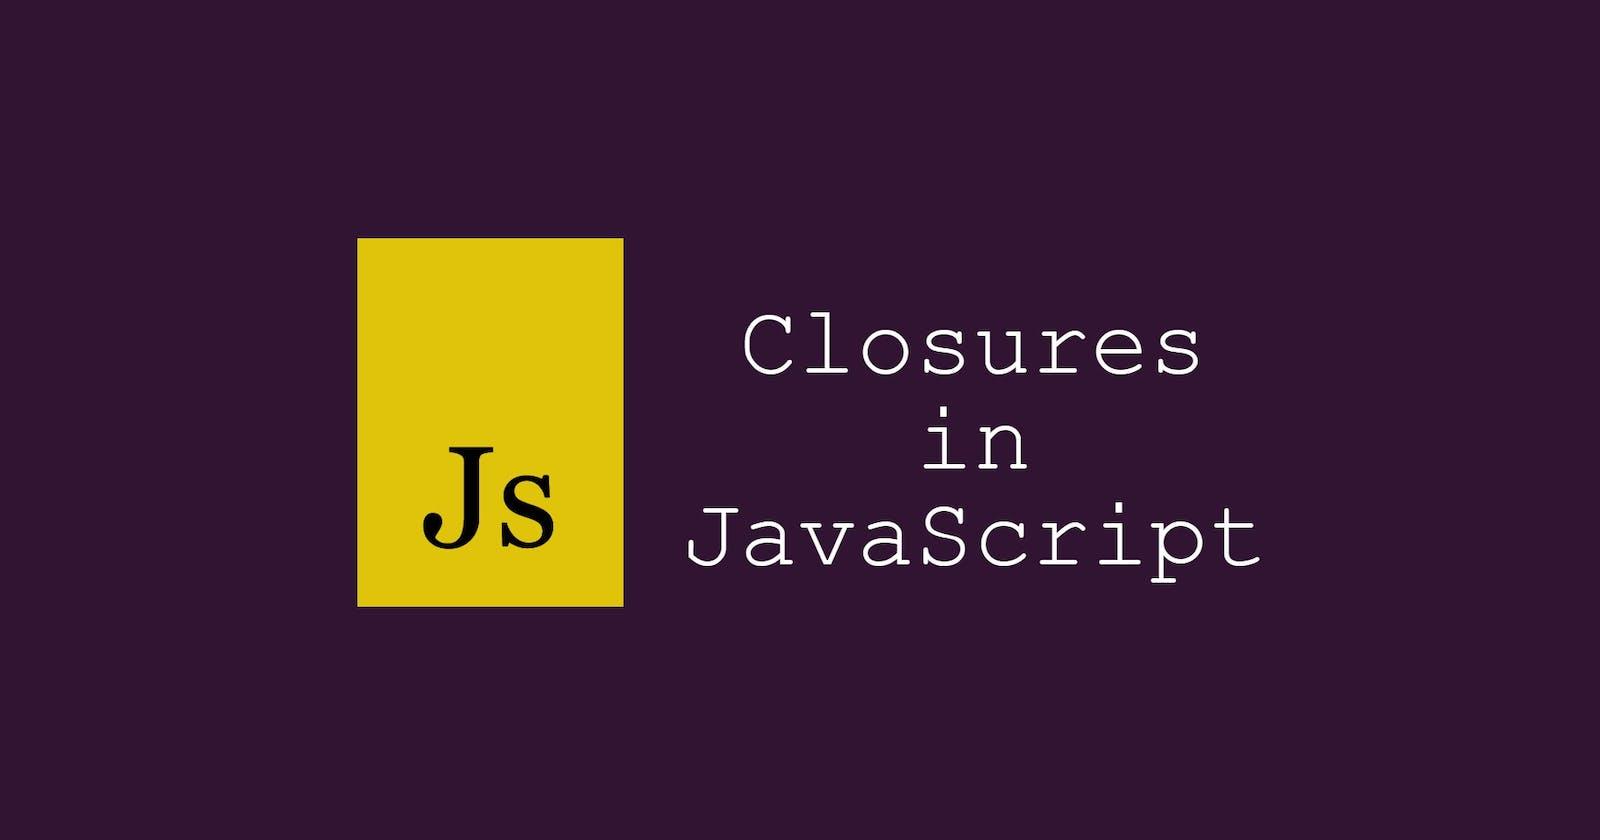 Closures in JavaScript?